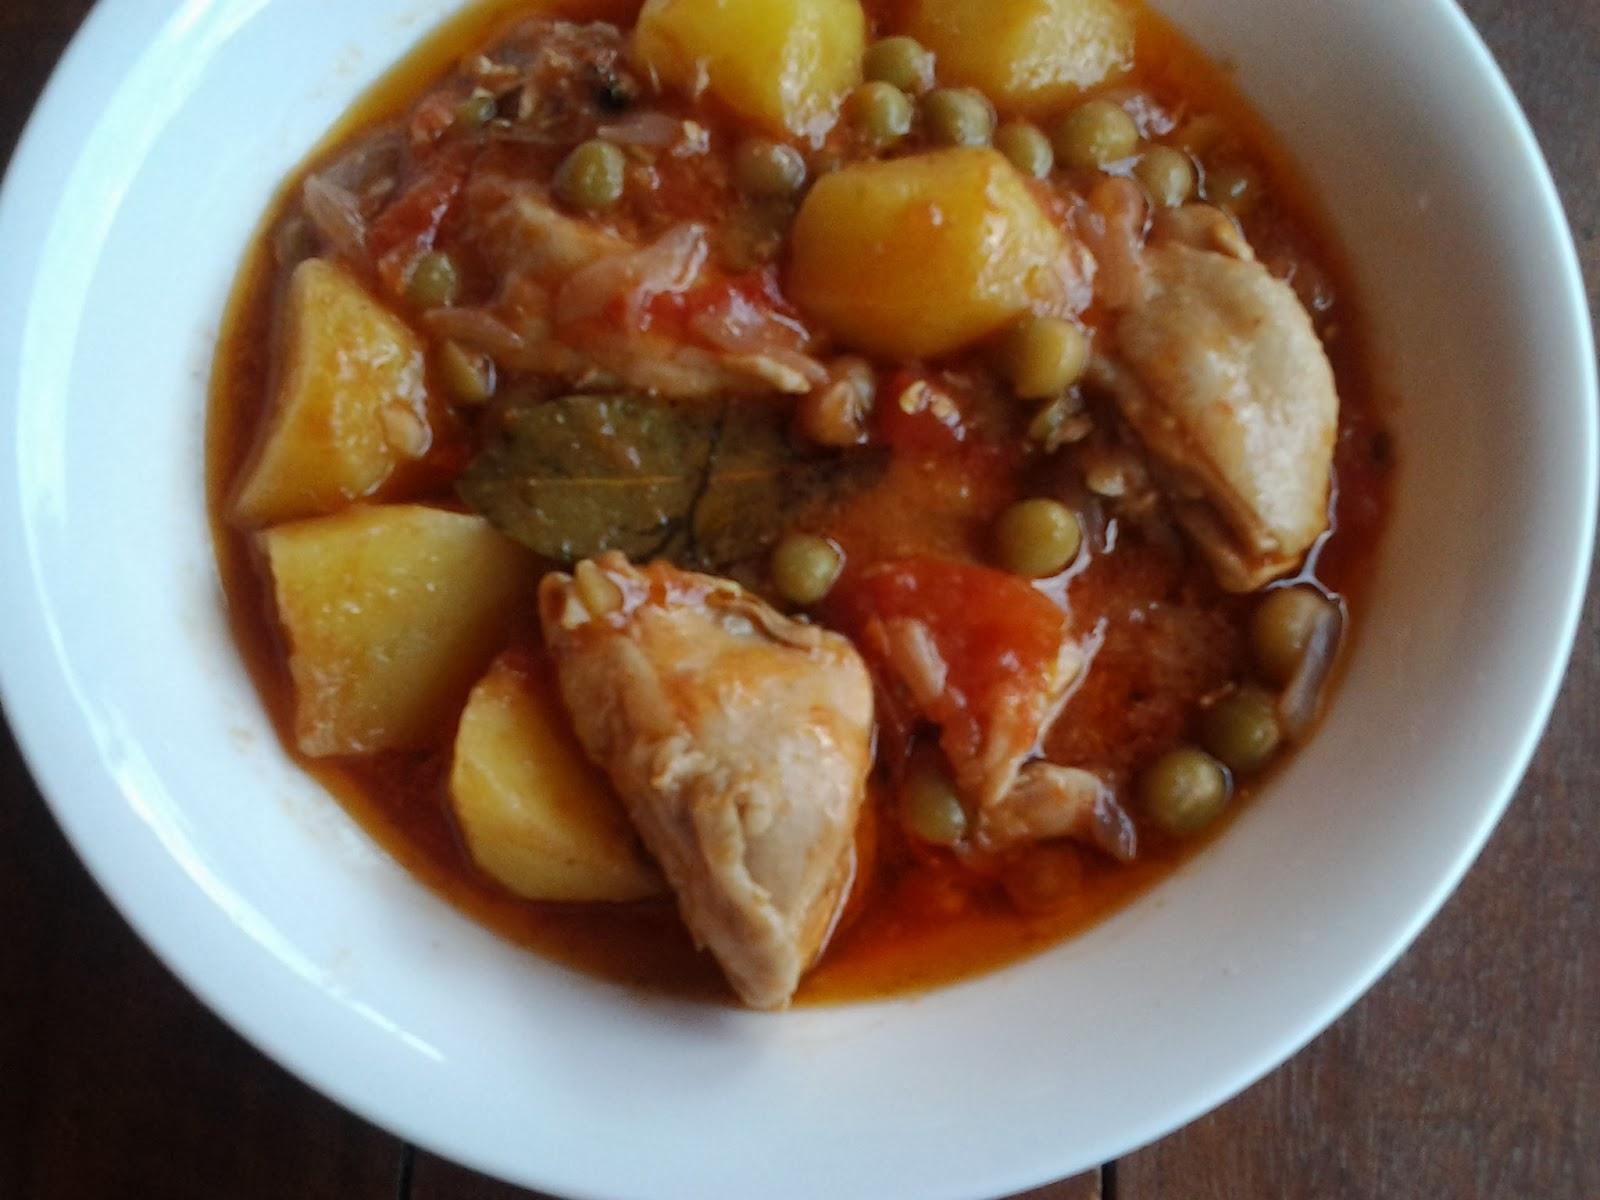 Kinamatisang manok panlasang pinoy for Fish recipe panlasang pinoy